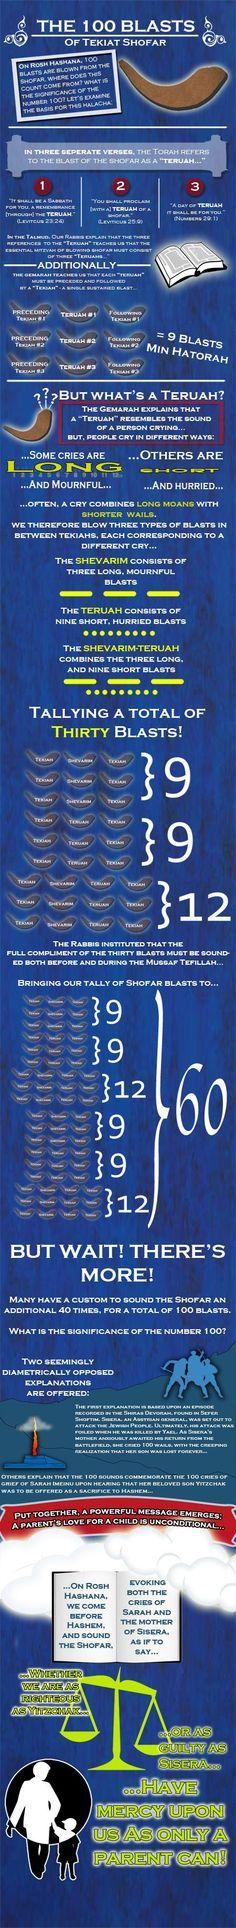 The Shofar at Rosh Hashanah and Yom Kippur